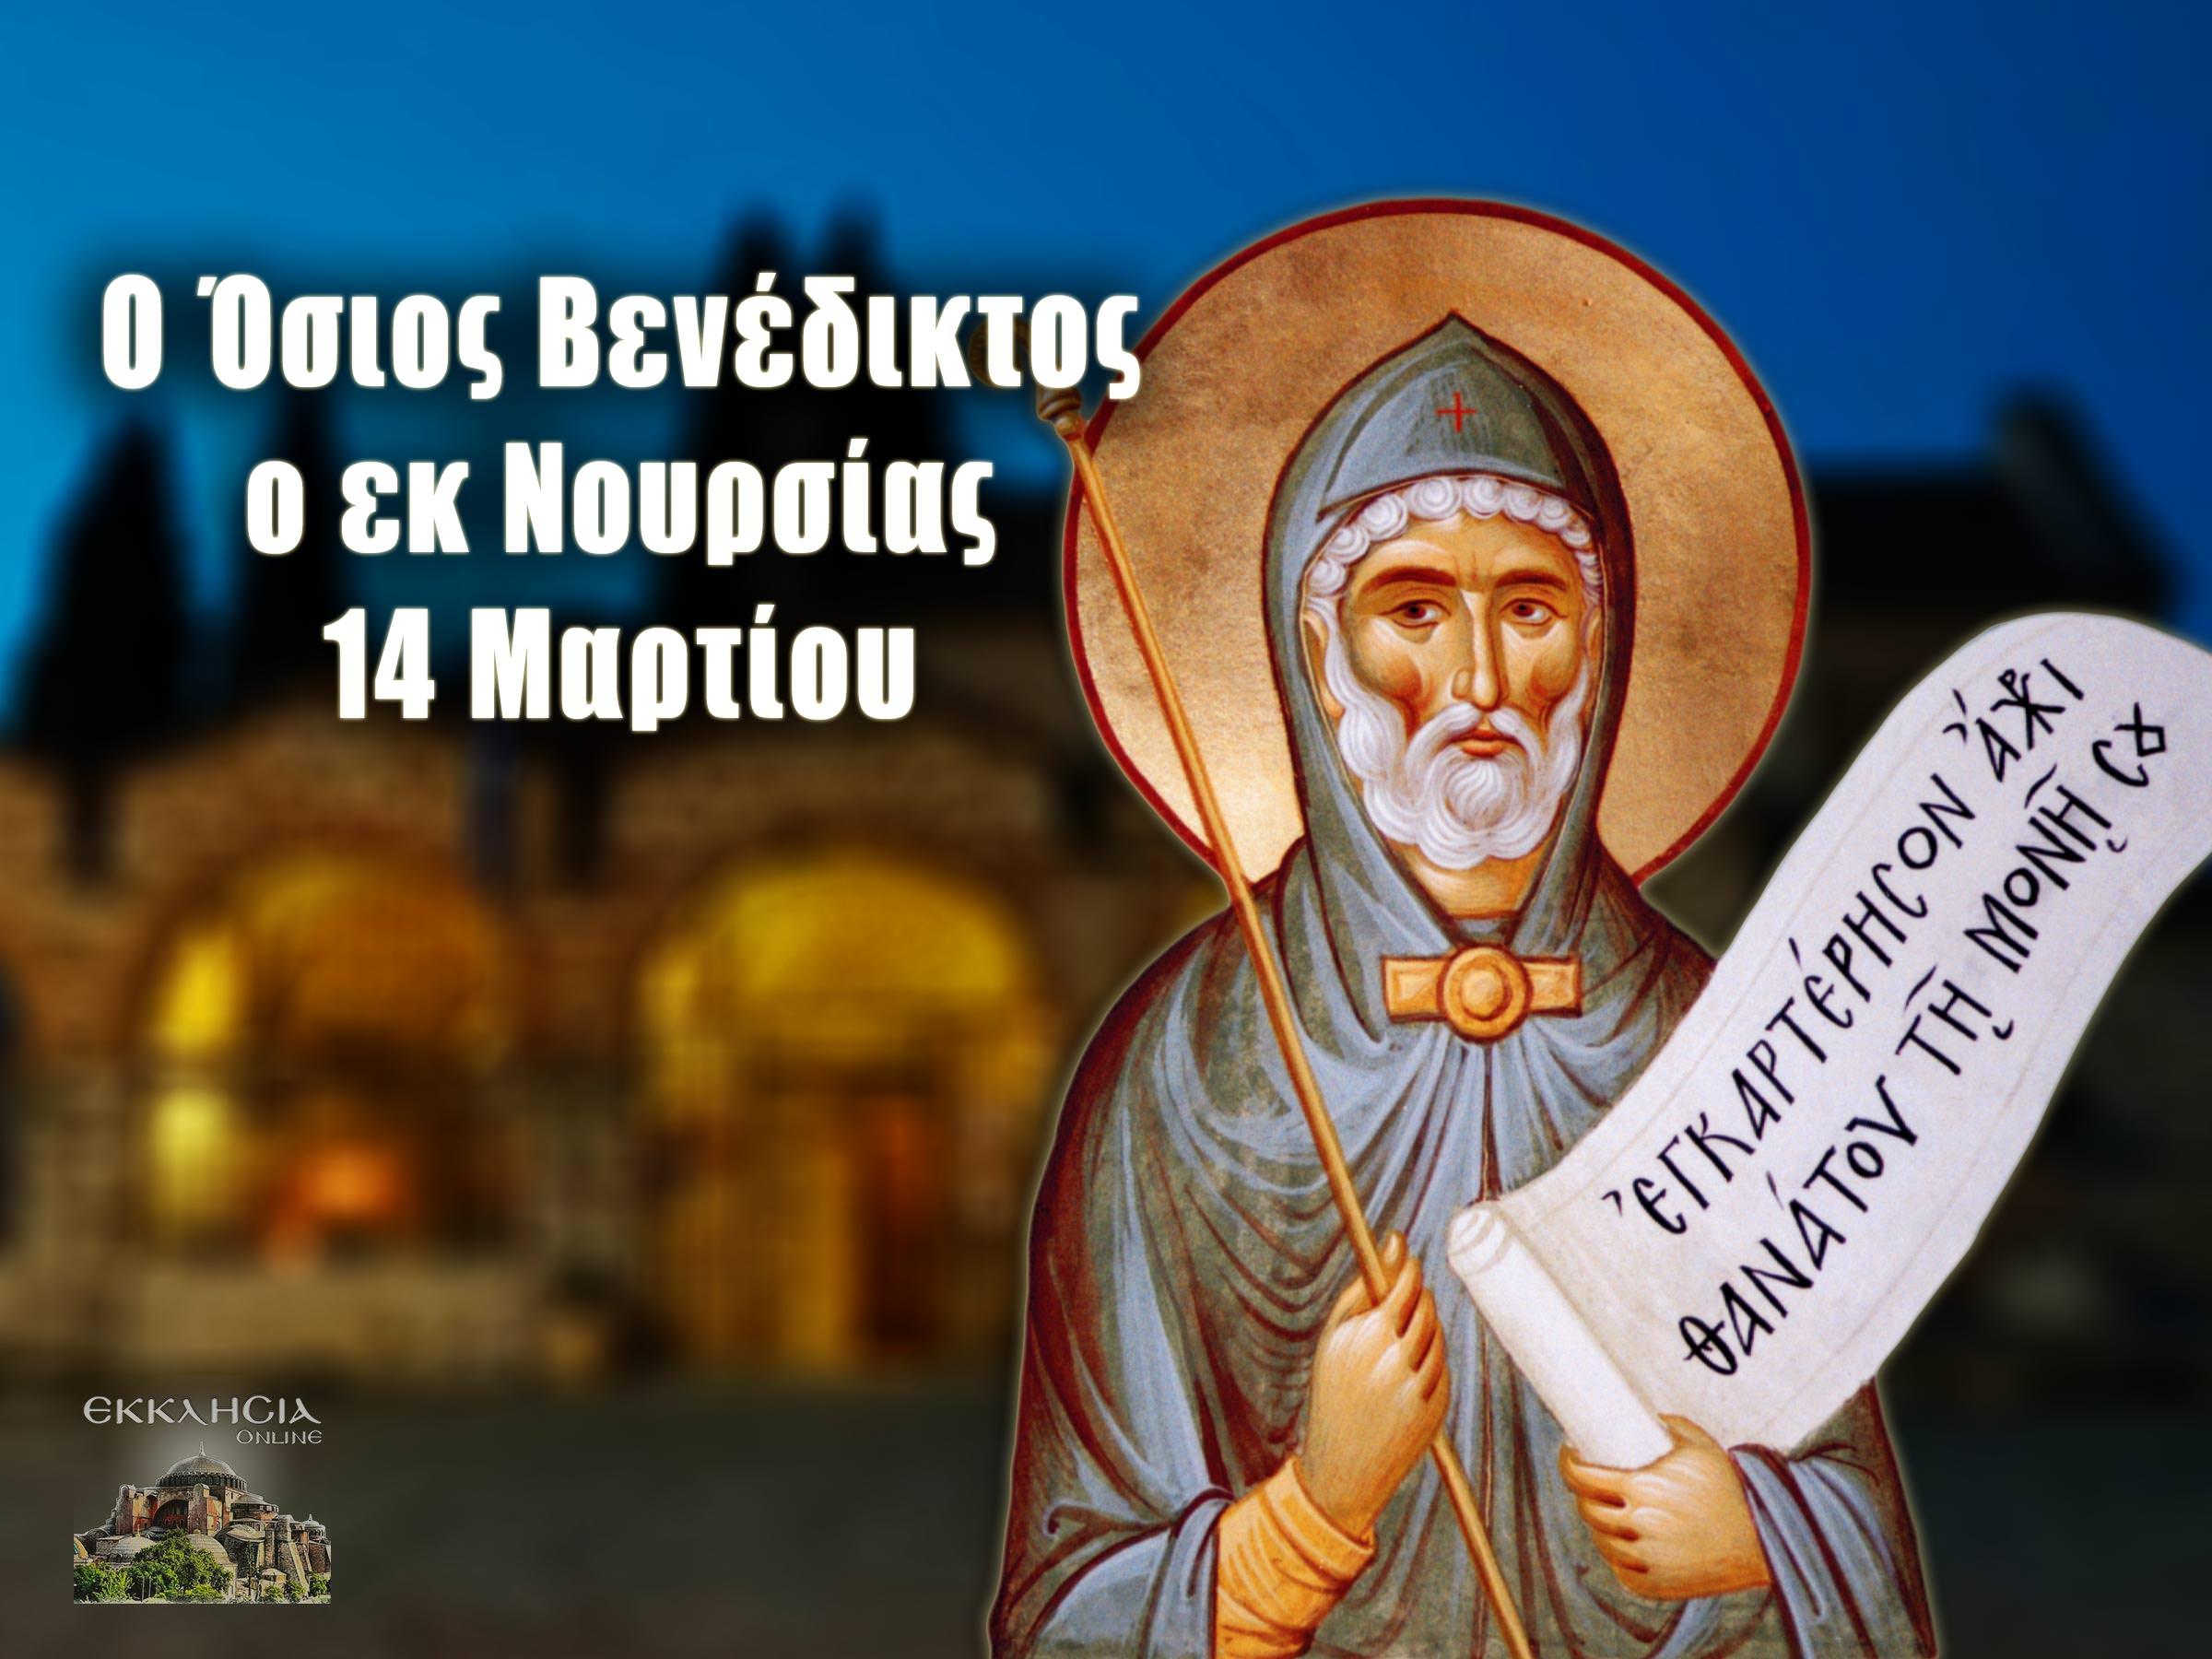 Όσιος Βενέδικτος ο εκ Νουρσίας 14 Μαρτίου